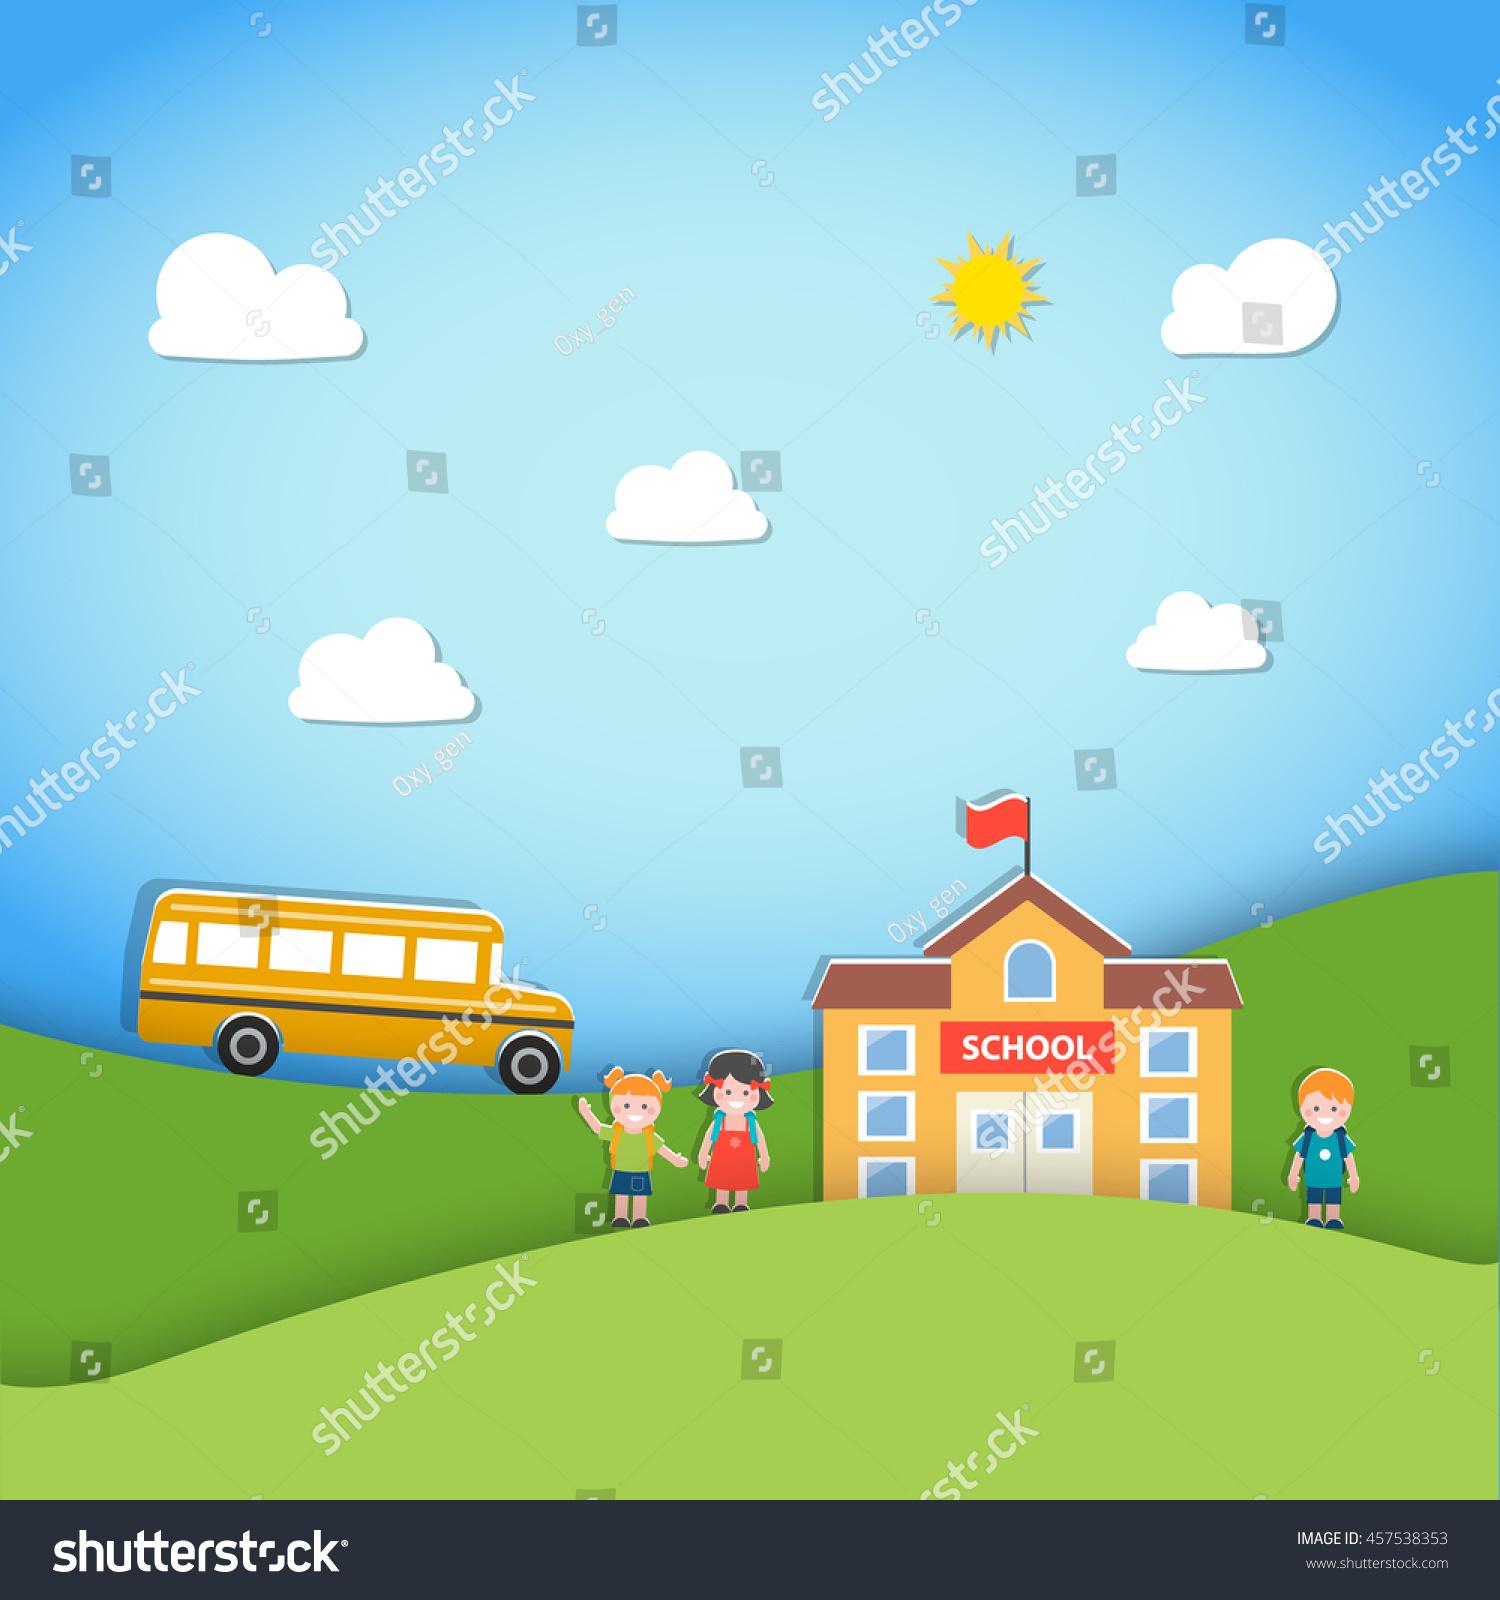 Back School Background School Building Bus Stock Vector